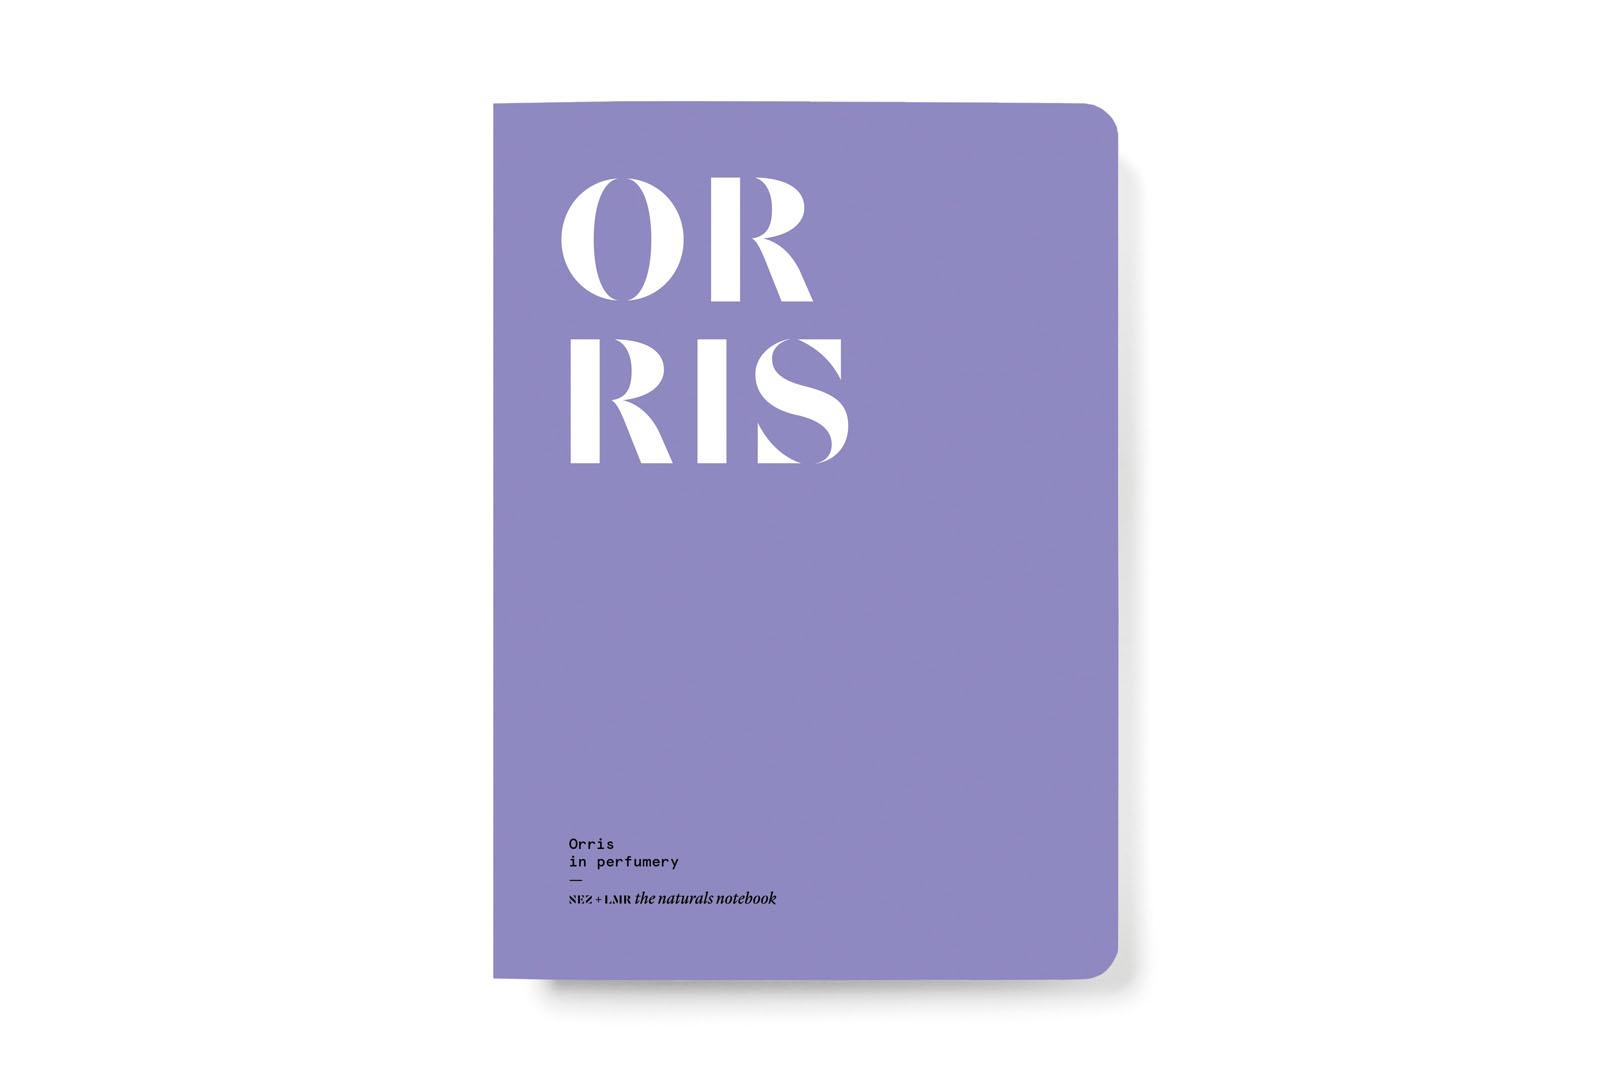 LMR_COUV_ORRIS_PLAT-EN.jpg